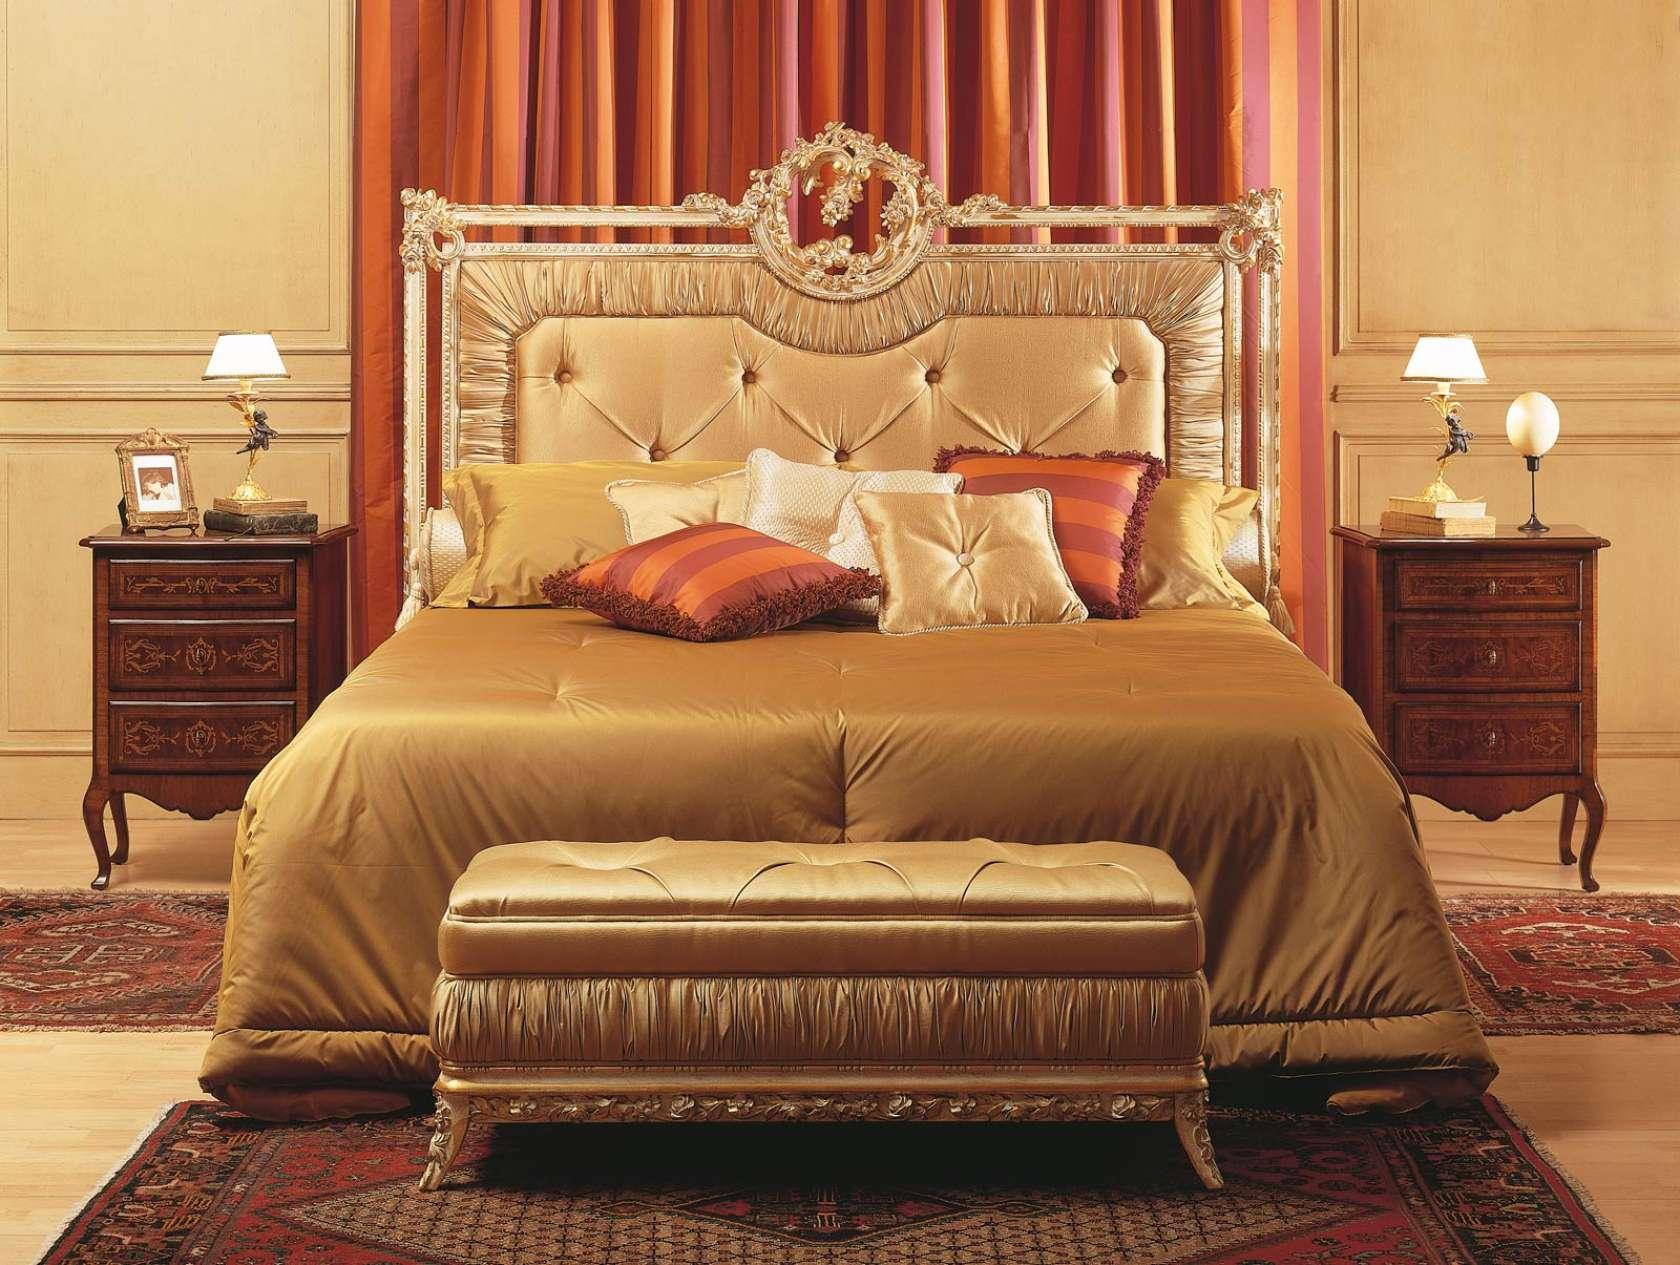 Camera da letto Louvre, letto, panca, comodini in noce | Vimercati ...